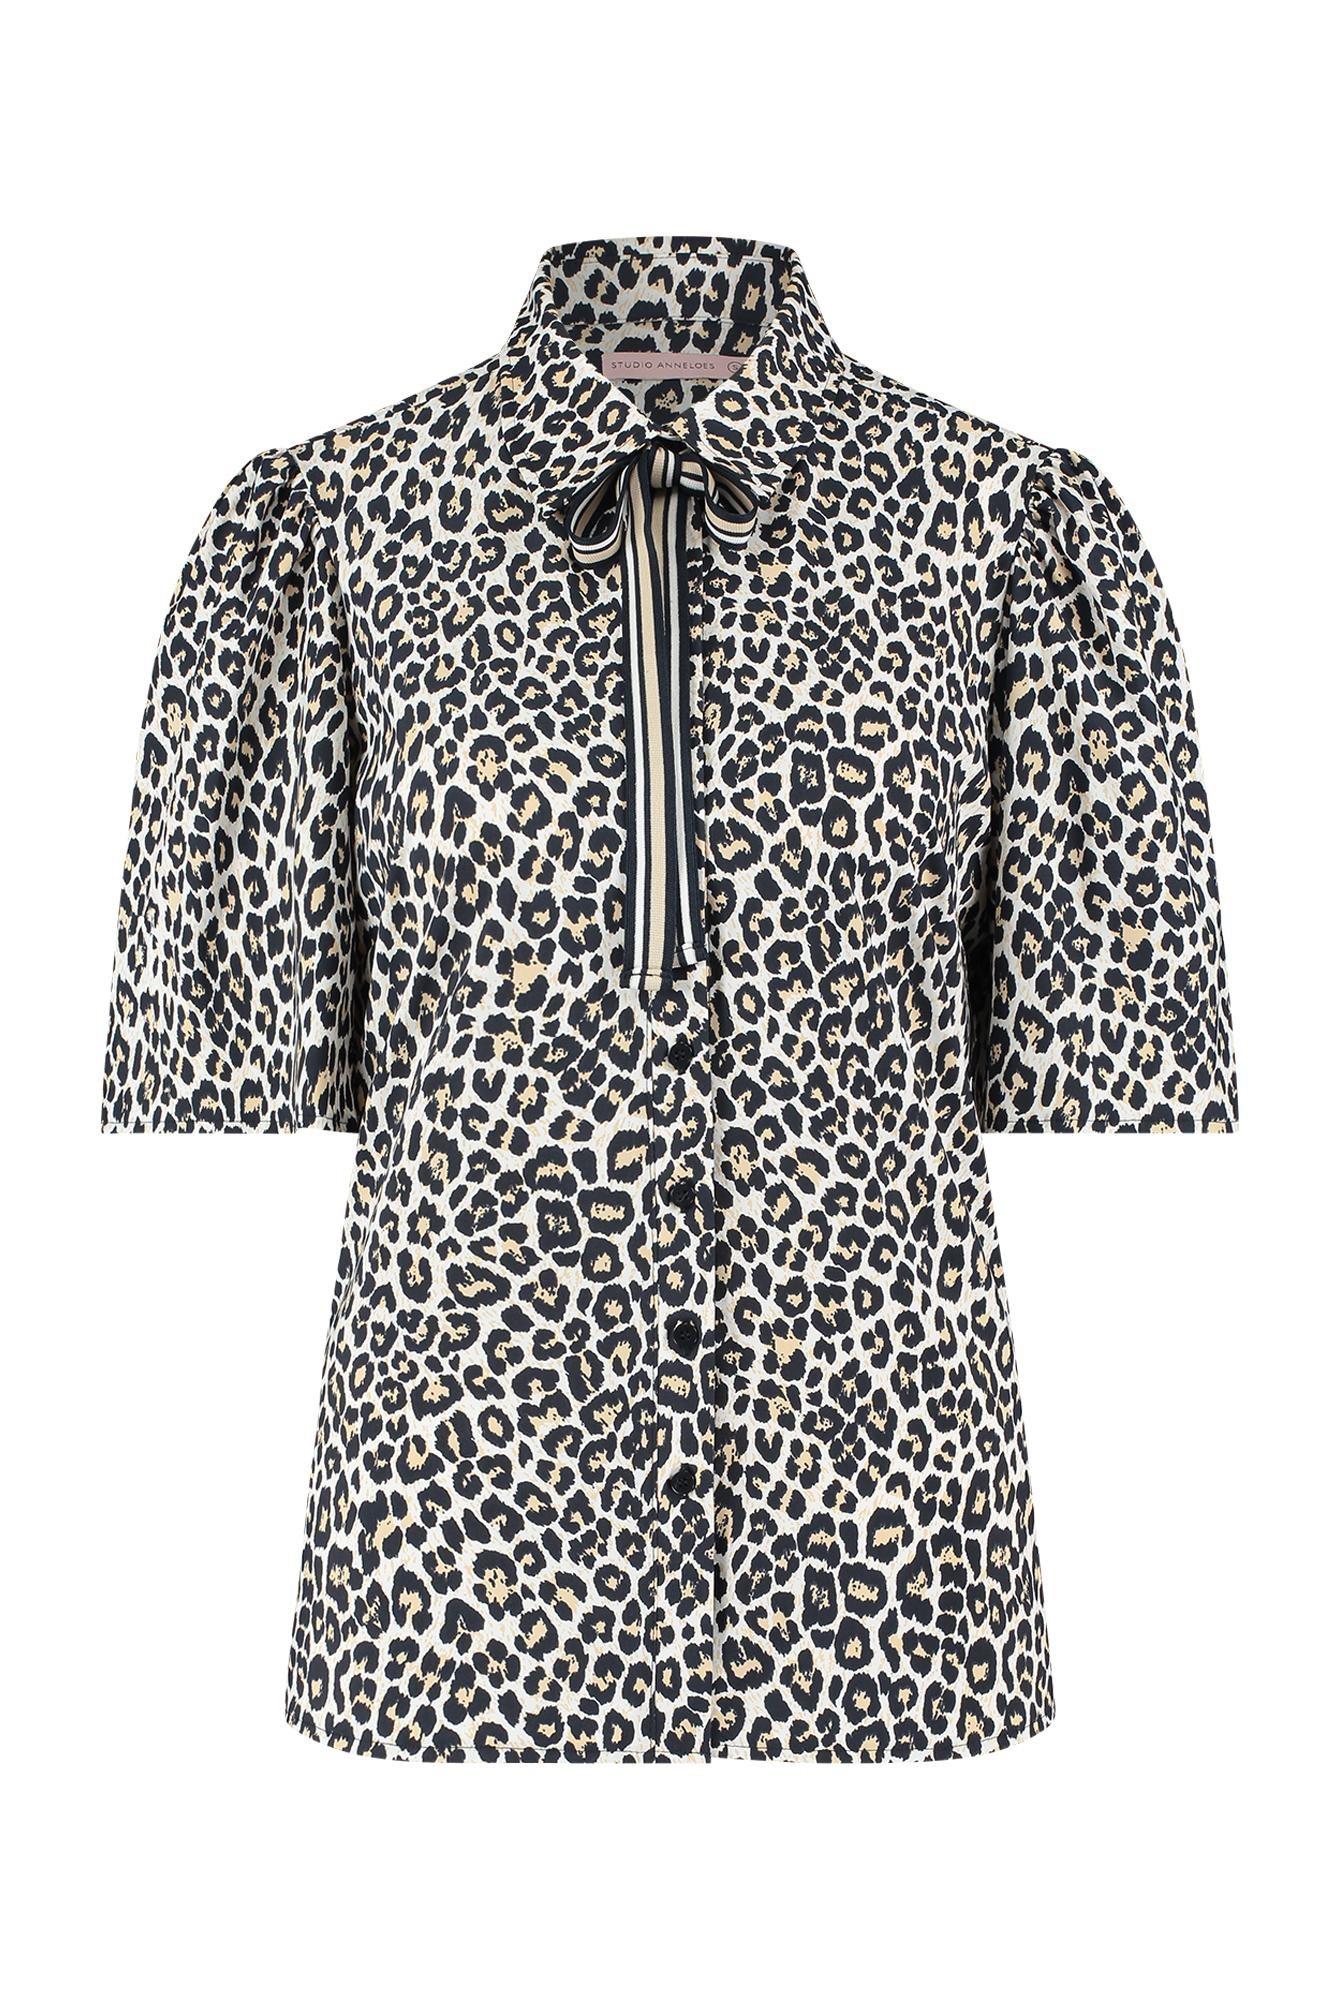 Nomi leopard blouse